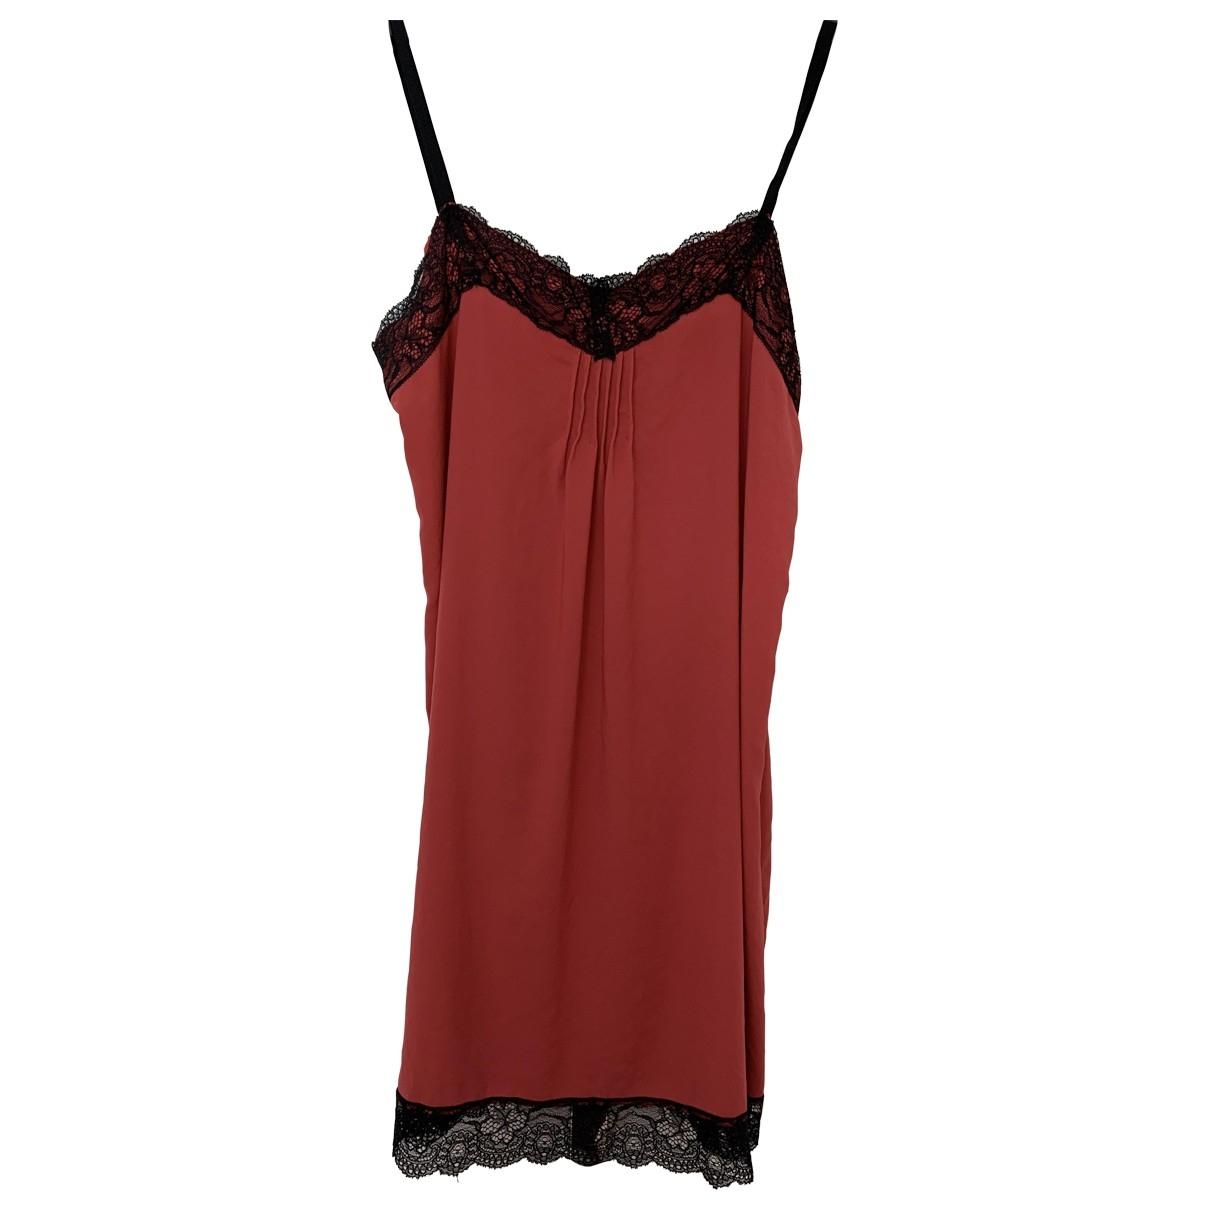 Liviana Conti \N dress for Women 42 IT